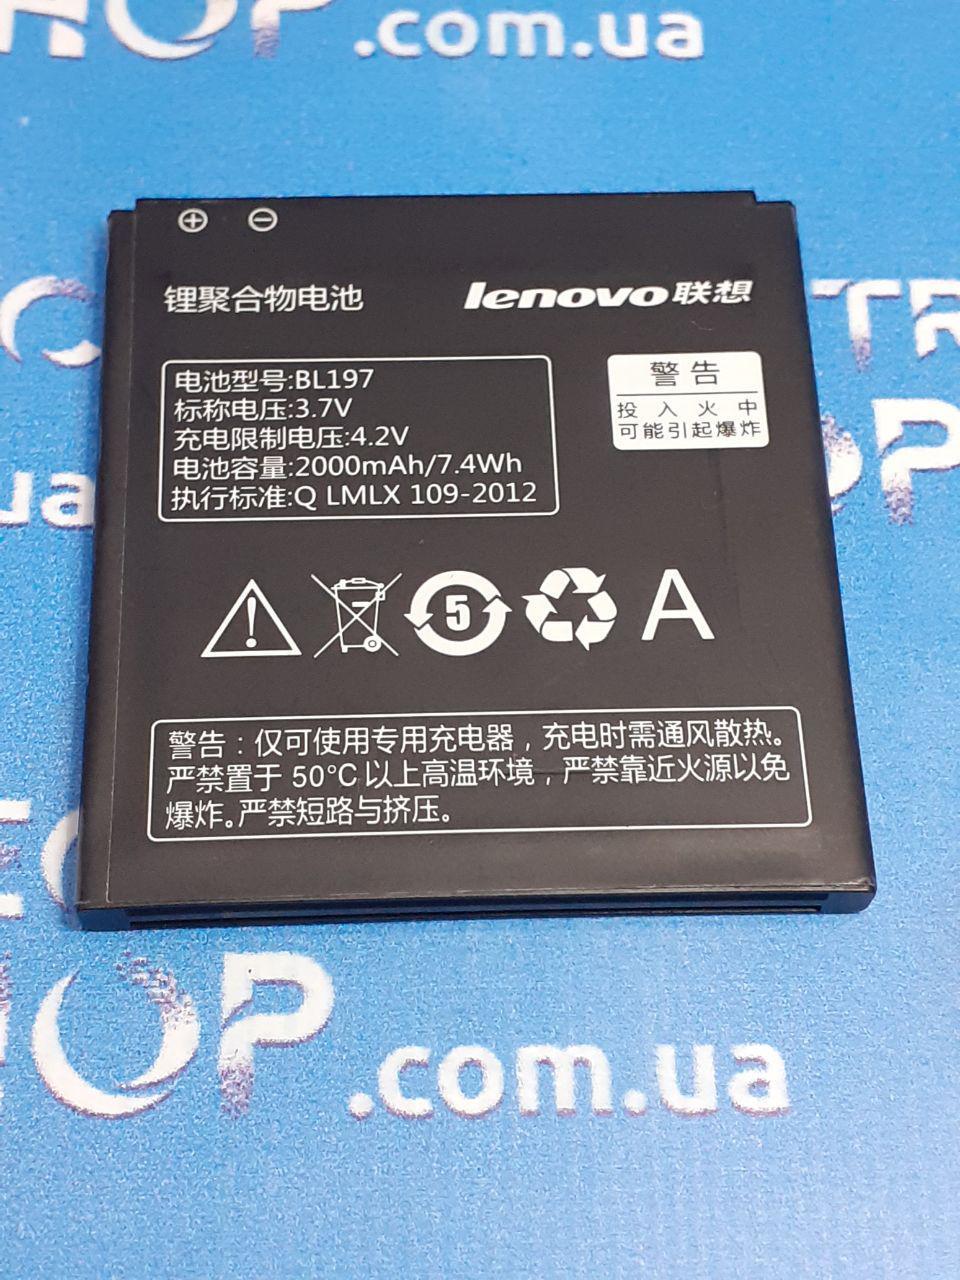 Аккумулятор BL197 для Lenovo A798t, A800, A820, S720, S750, S868T, S899T, Li-ion, 3,7 В, 2000 мАч оригинал б.у